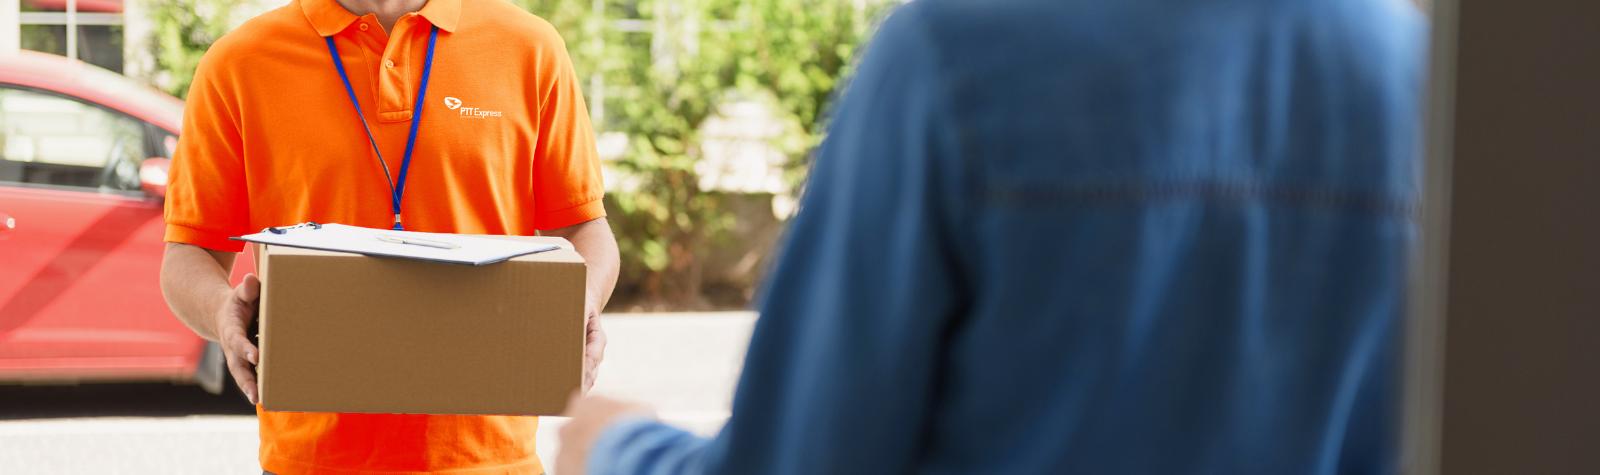 Curieratul pentru persoane fizice și firme – activitate indispensabilă a lanțurilor de aprovizionare